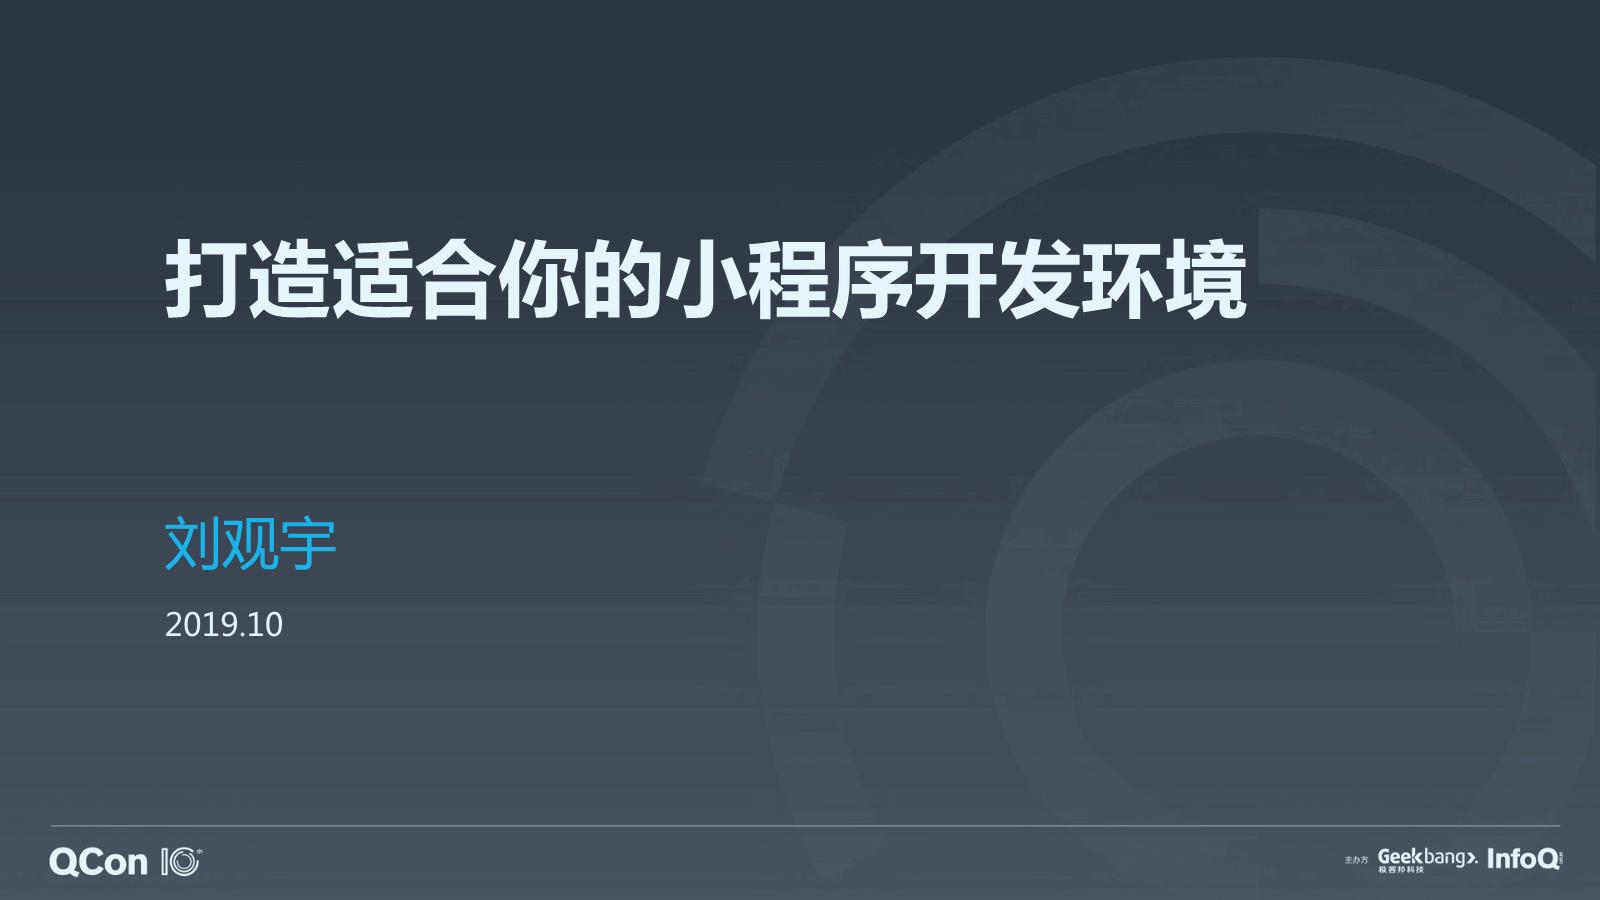 刘观宇-打造适合你的小程序环境